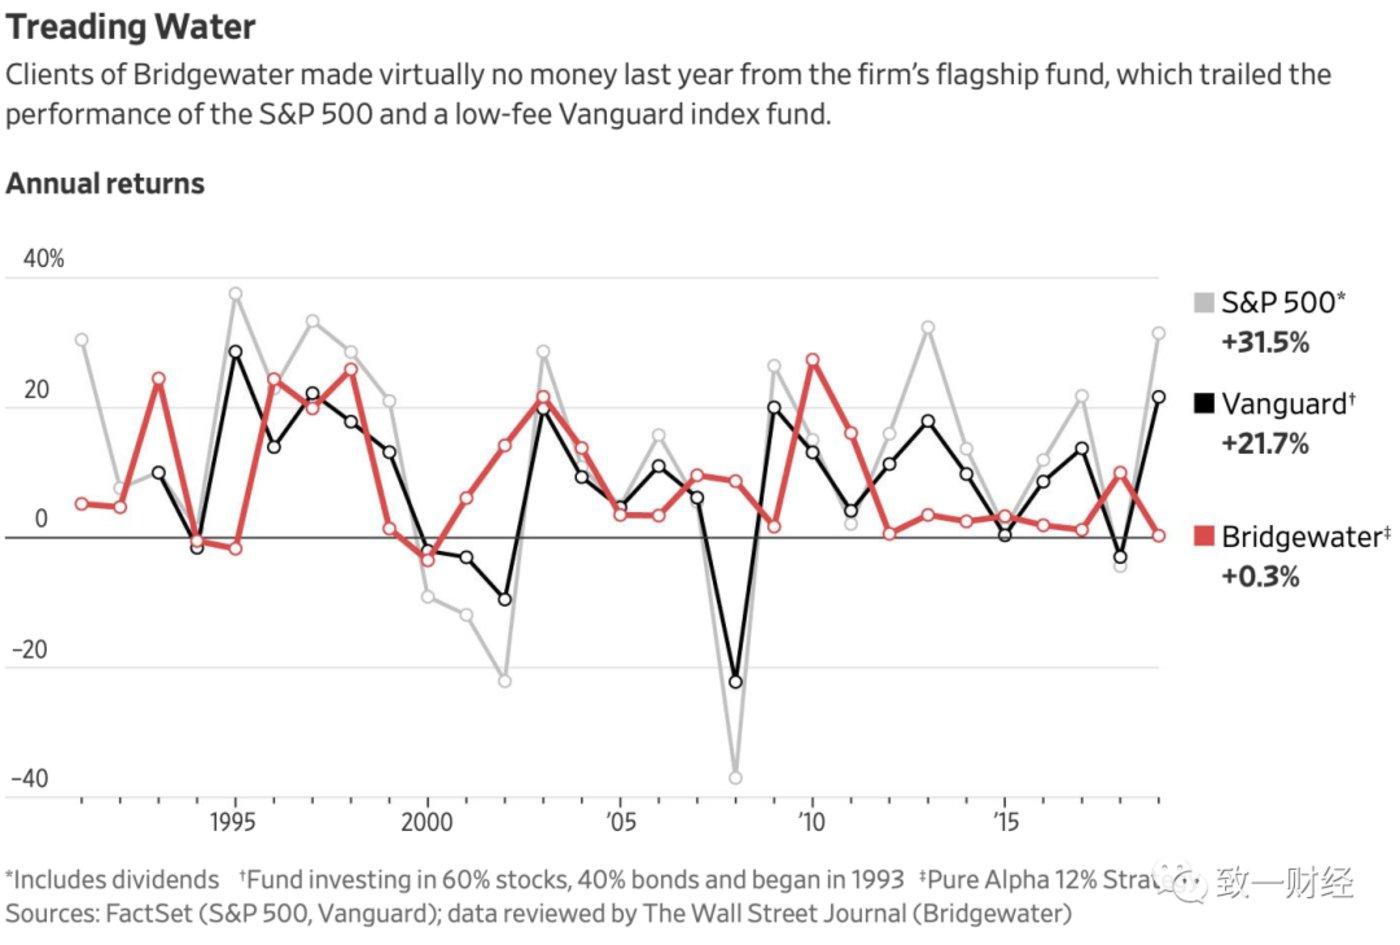 (来源:WSJ,红线为桥水Pure Alpha II的收益,黑线为Vanguard一个股债混合型指数基金收益,绝大部分年份费率极低的指数基金收益都高于Pure Alpha II)